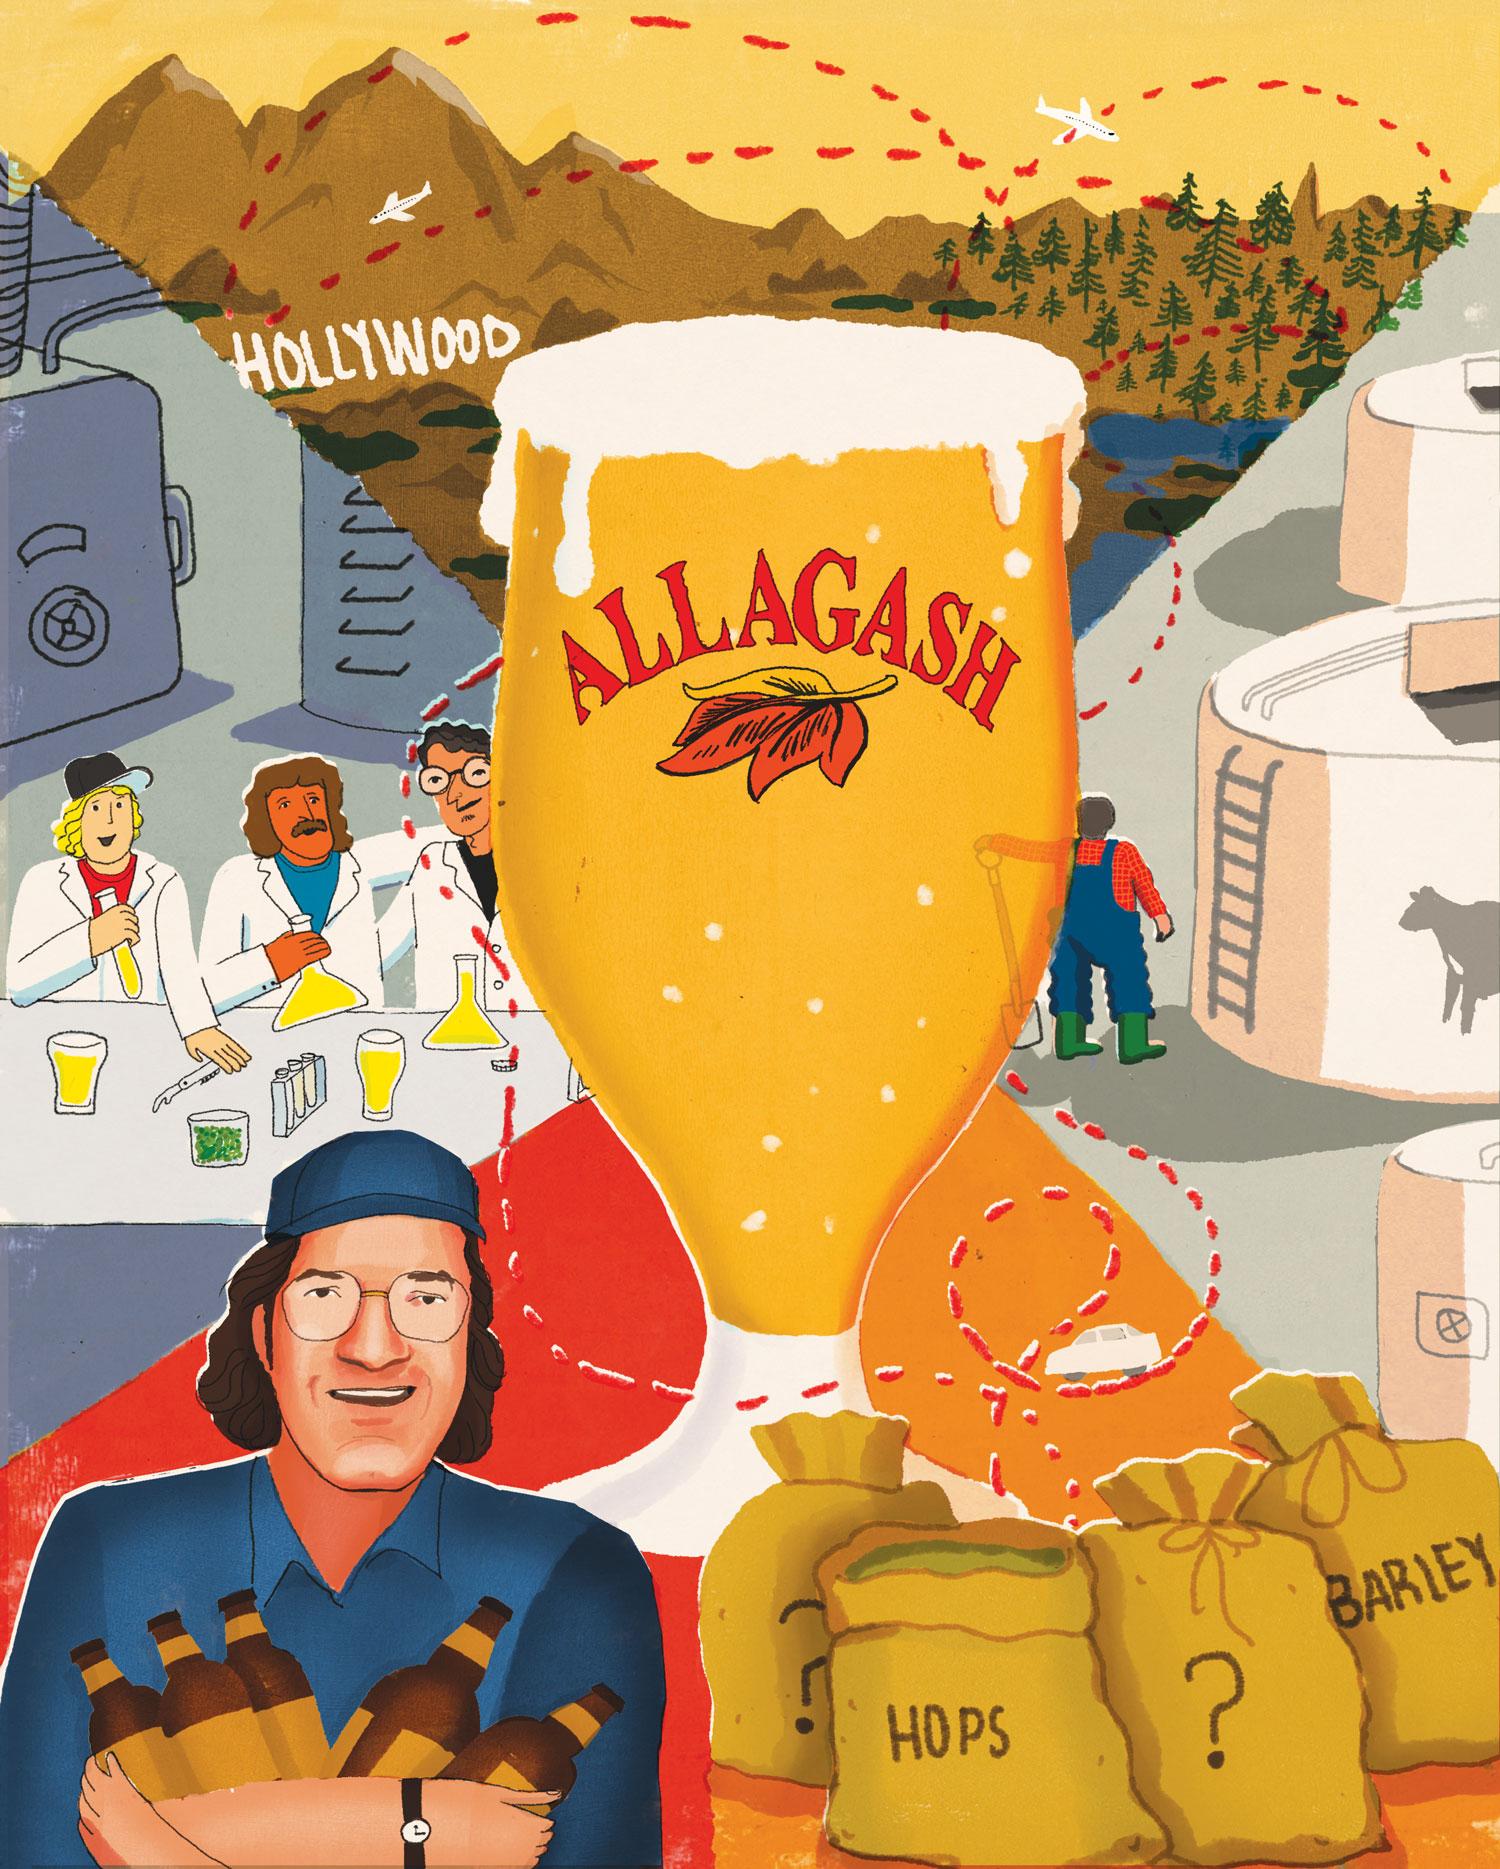 Allagash White by Allagash Brewery